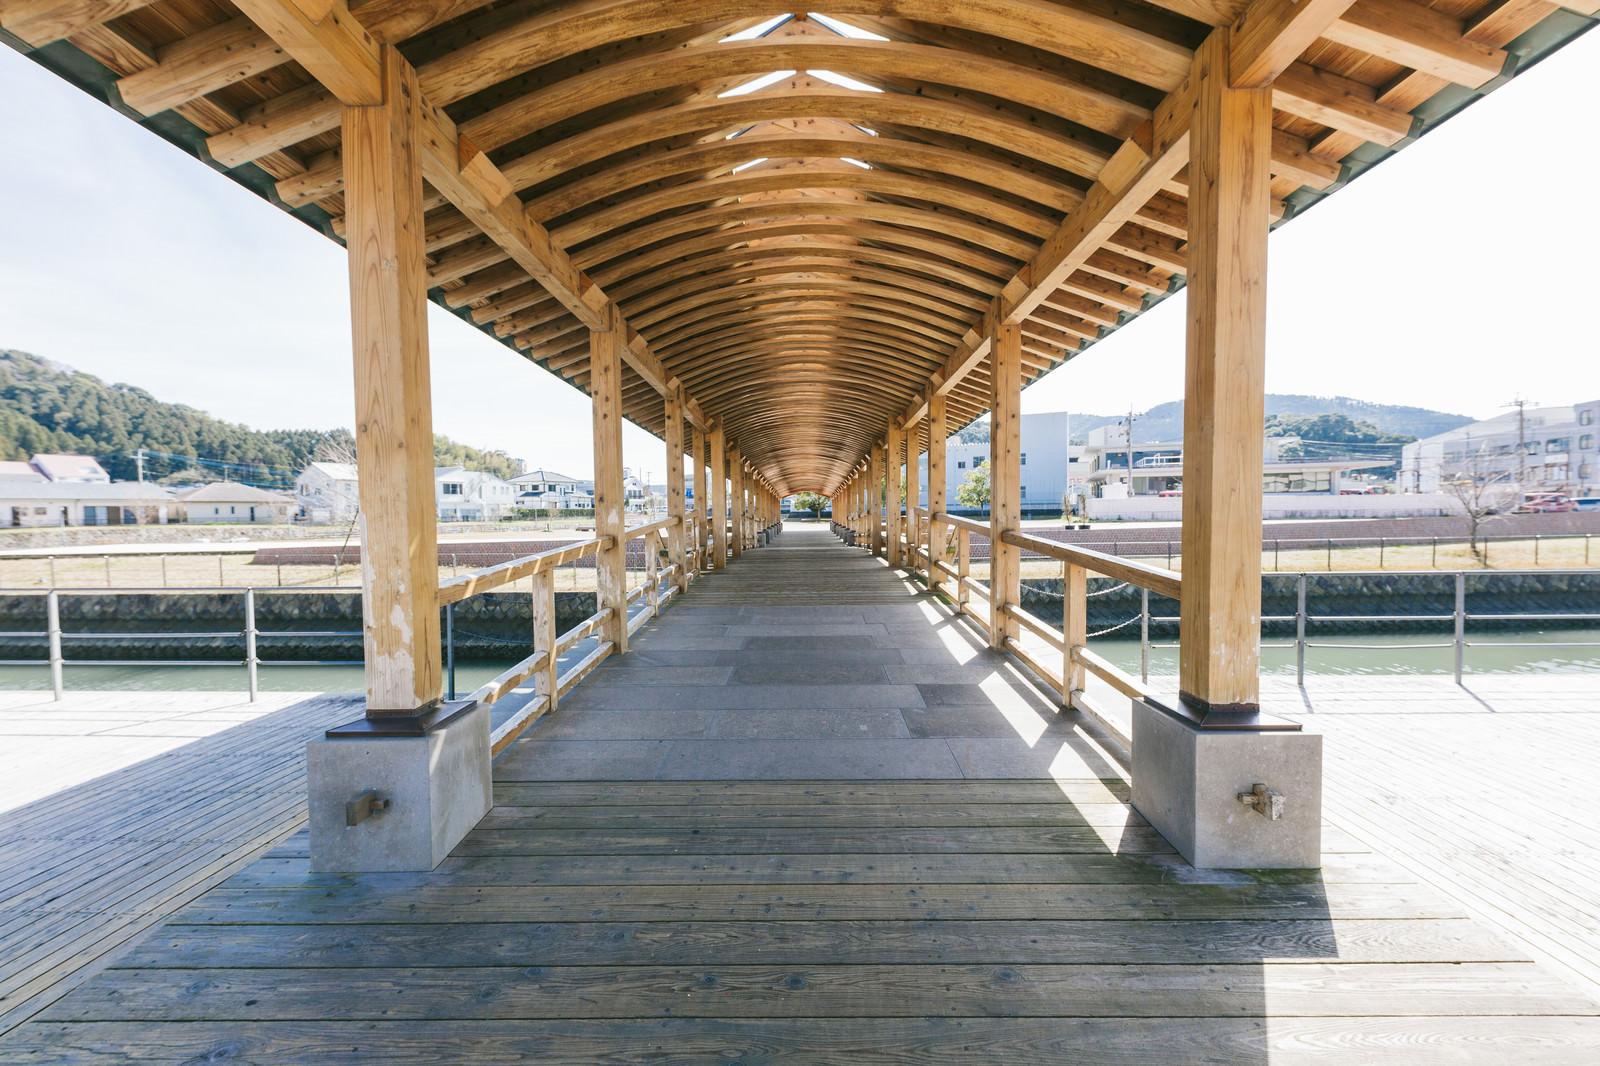 「飫肥杉がふんだんに使われている夢見橋」の写真